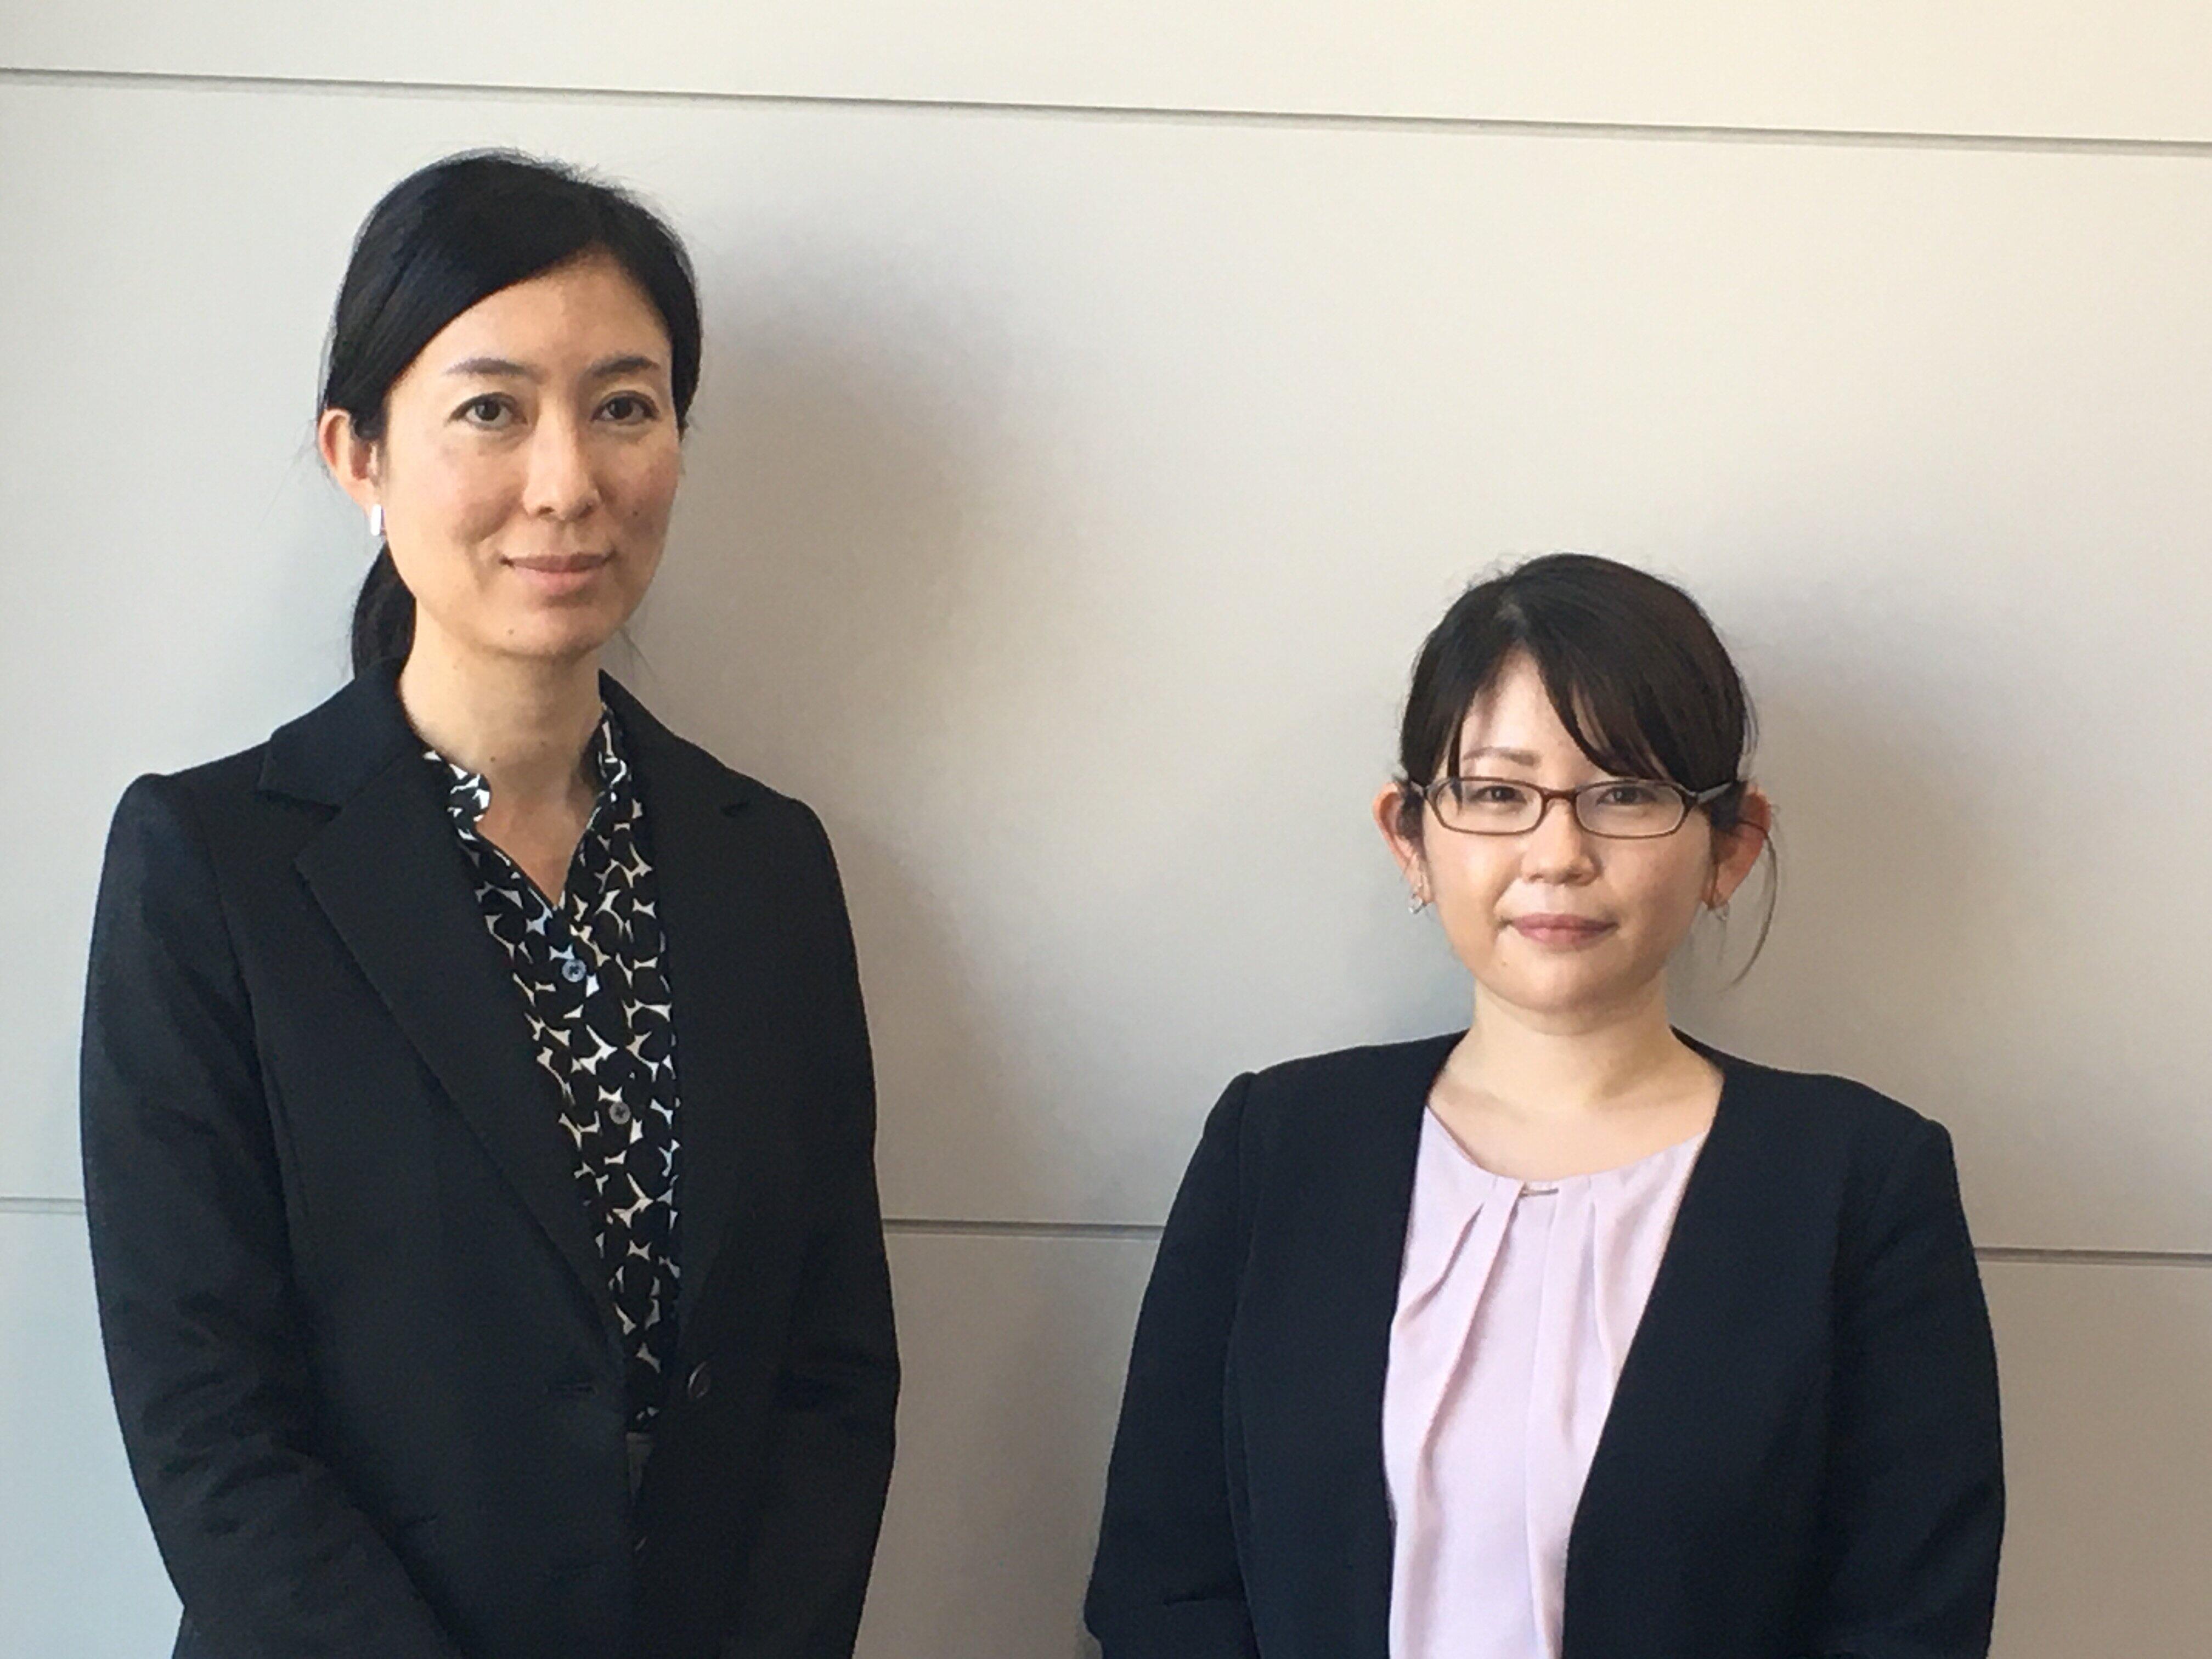 日立製作所人財統括本部ダイバーシティ推進センタの部長代理、相馬知子さん(左)と同センタ担当者の小島佳奈さん(右)